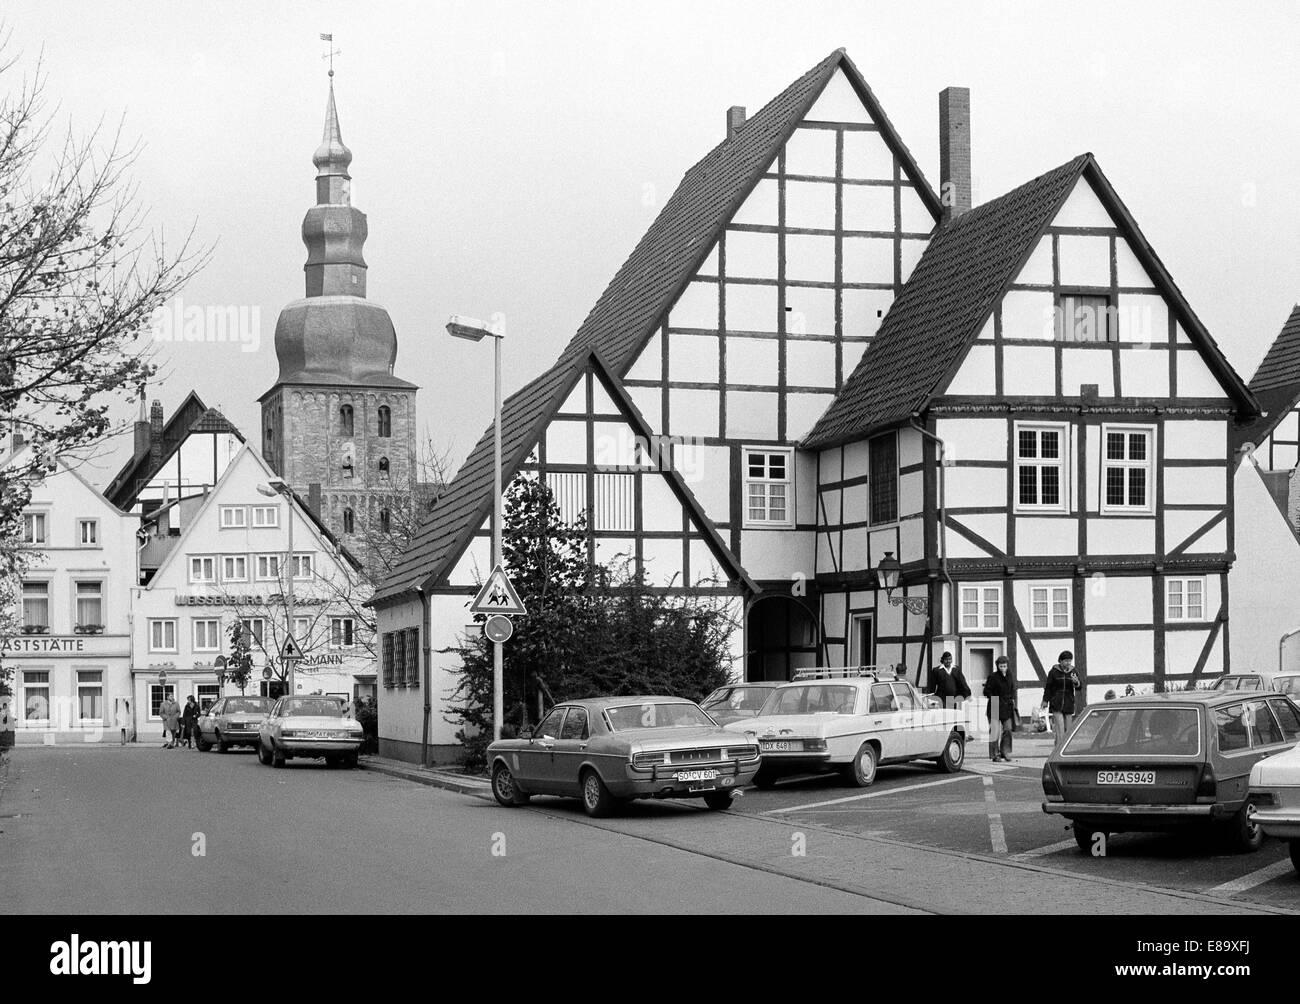 Achtziger Jahre, parkende Autos, Fachwerkhaeuser am Marktplatz und Grosse Marienkirche, Evangelische Kirche, Lippstadt, - Stock Image